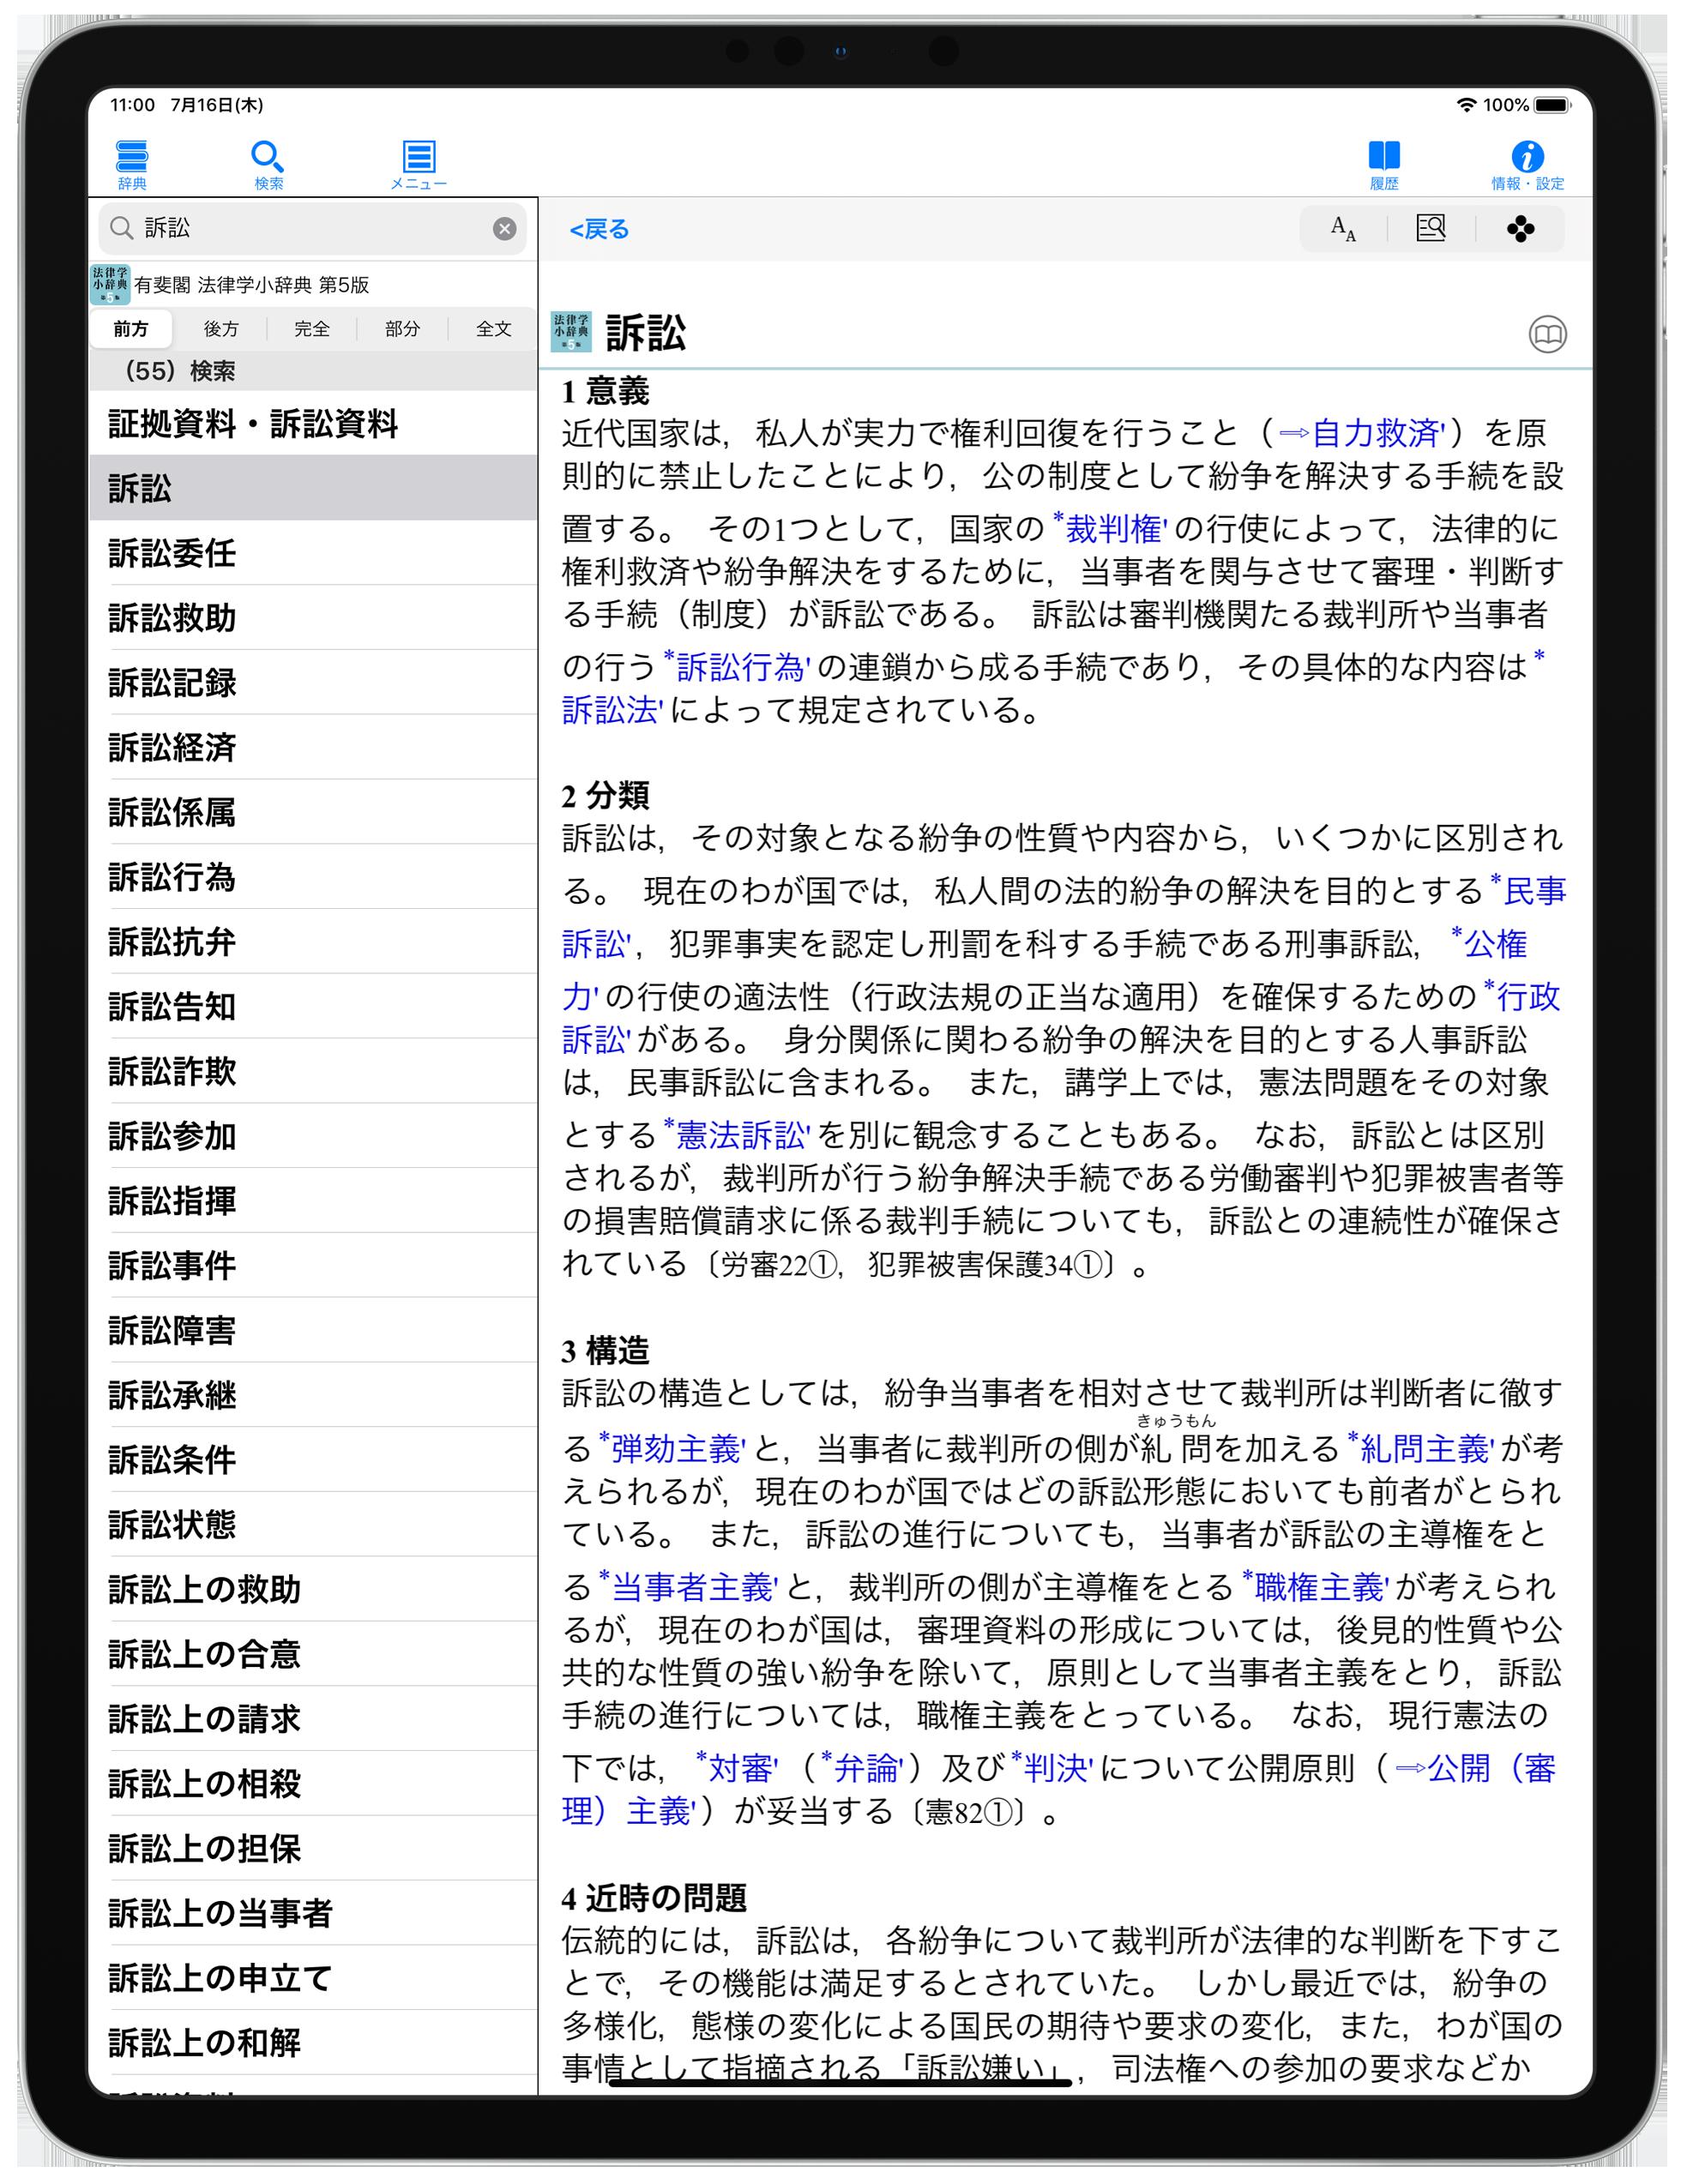 法律 学 小 辞典 第 5 版